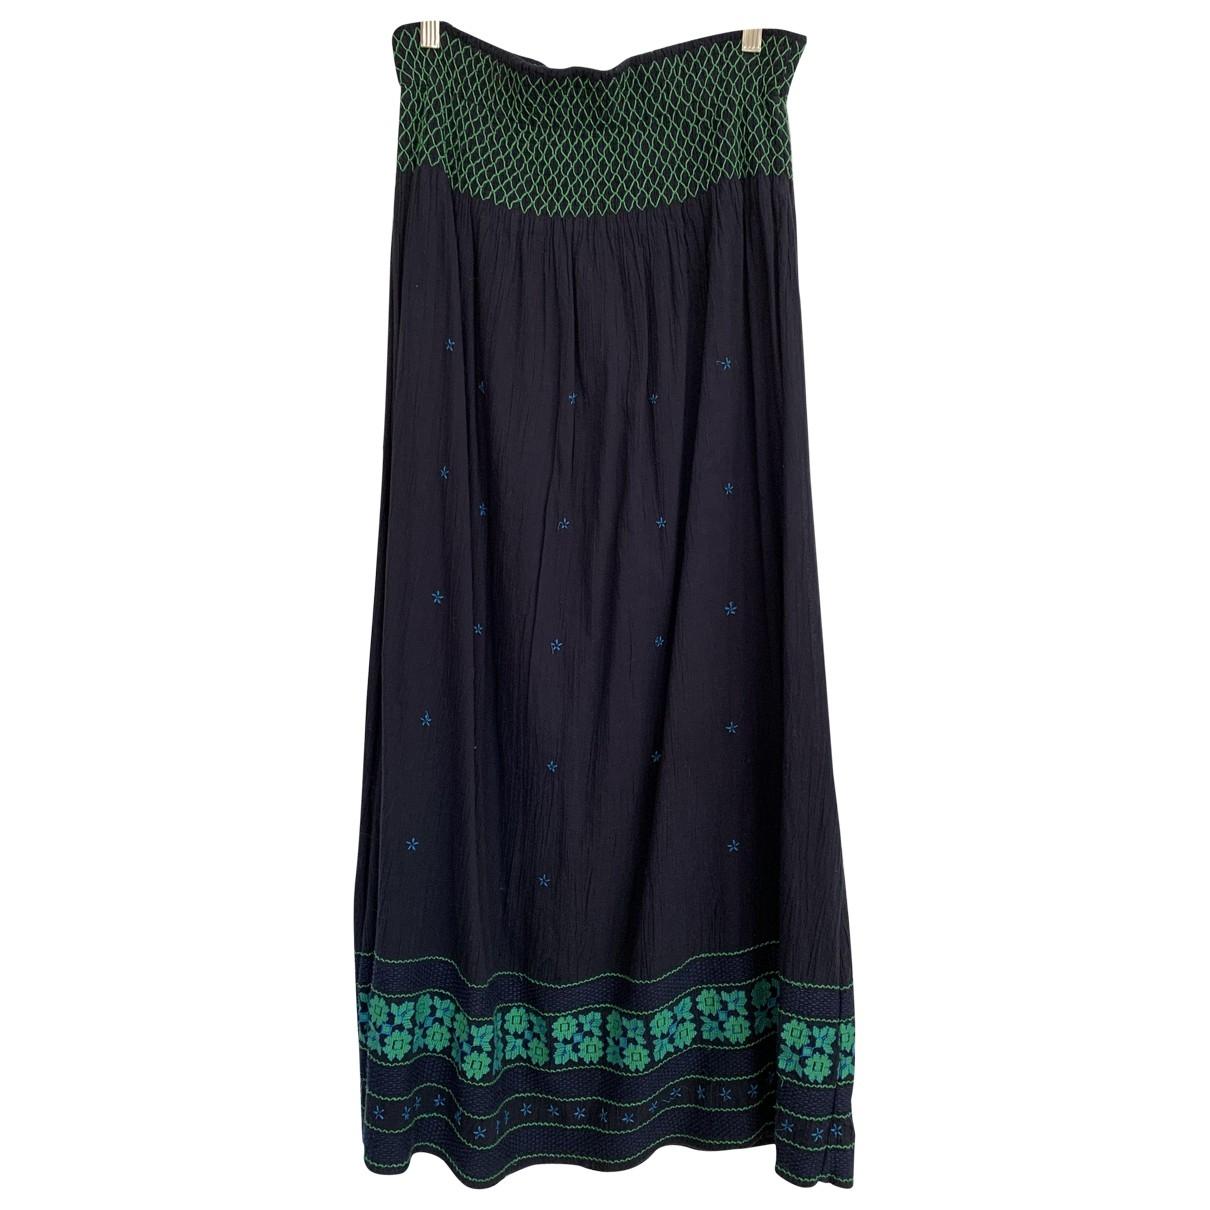 Vanessa Bruno Athe \N Black Cotton skirt for Women 40 FR